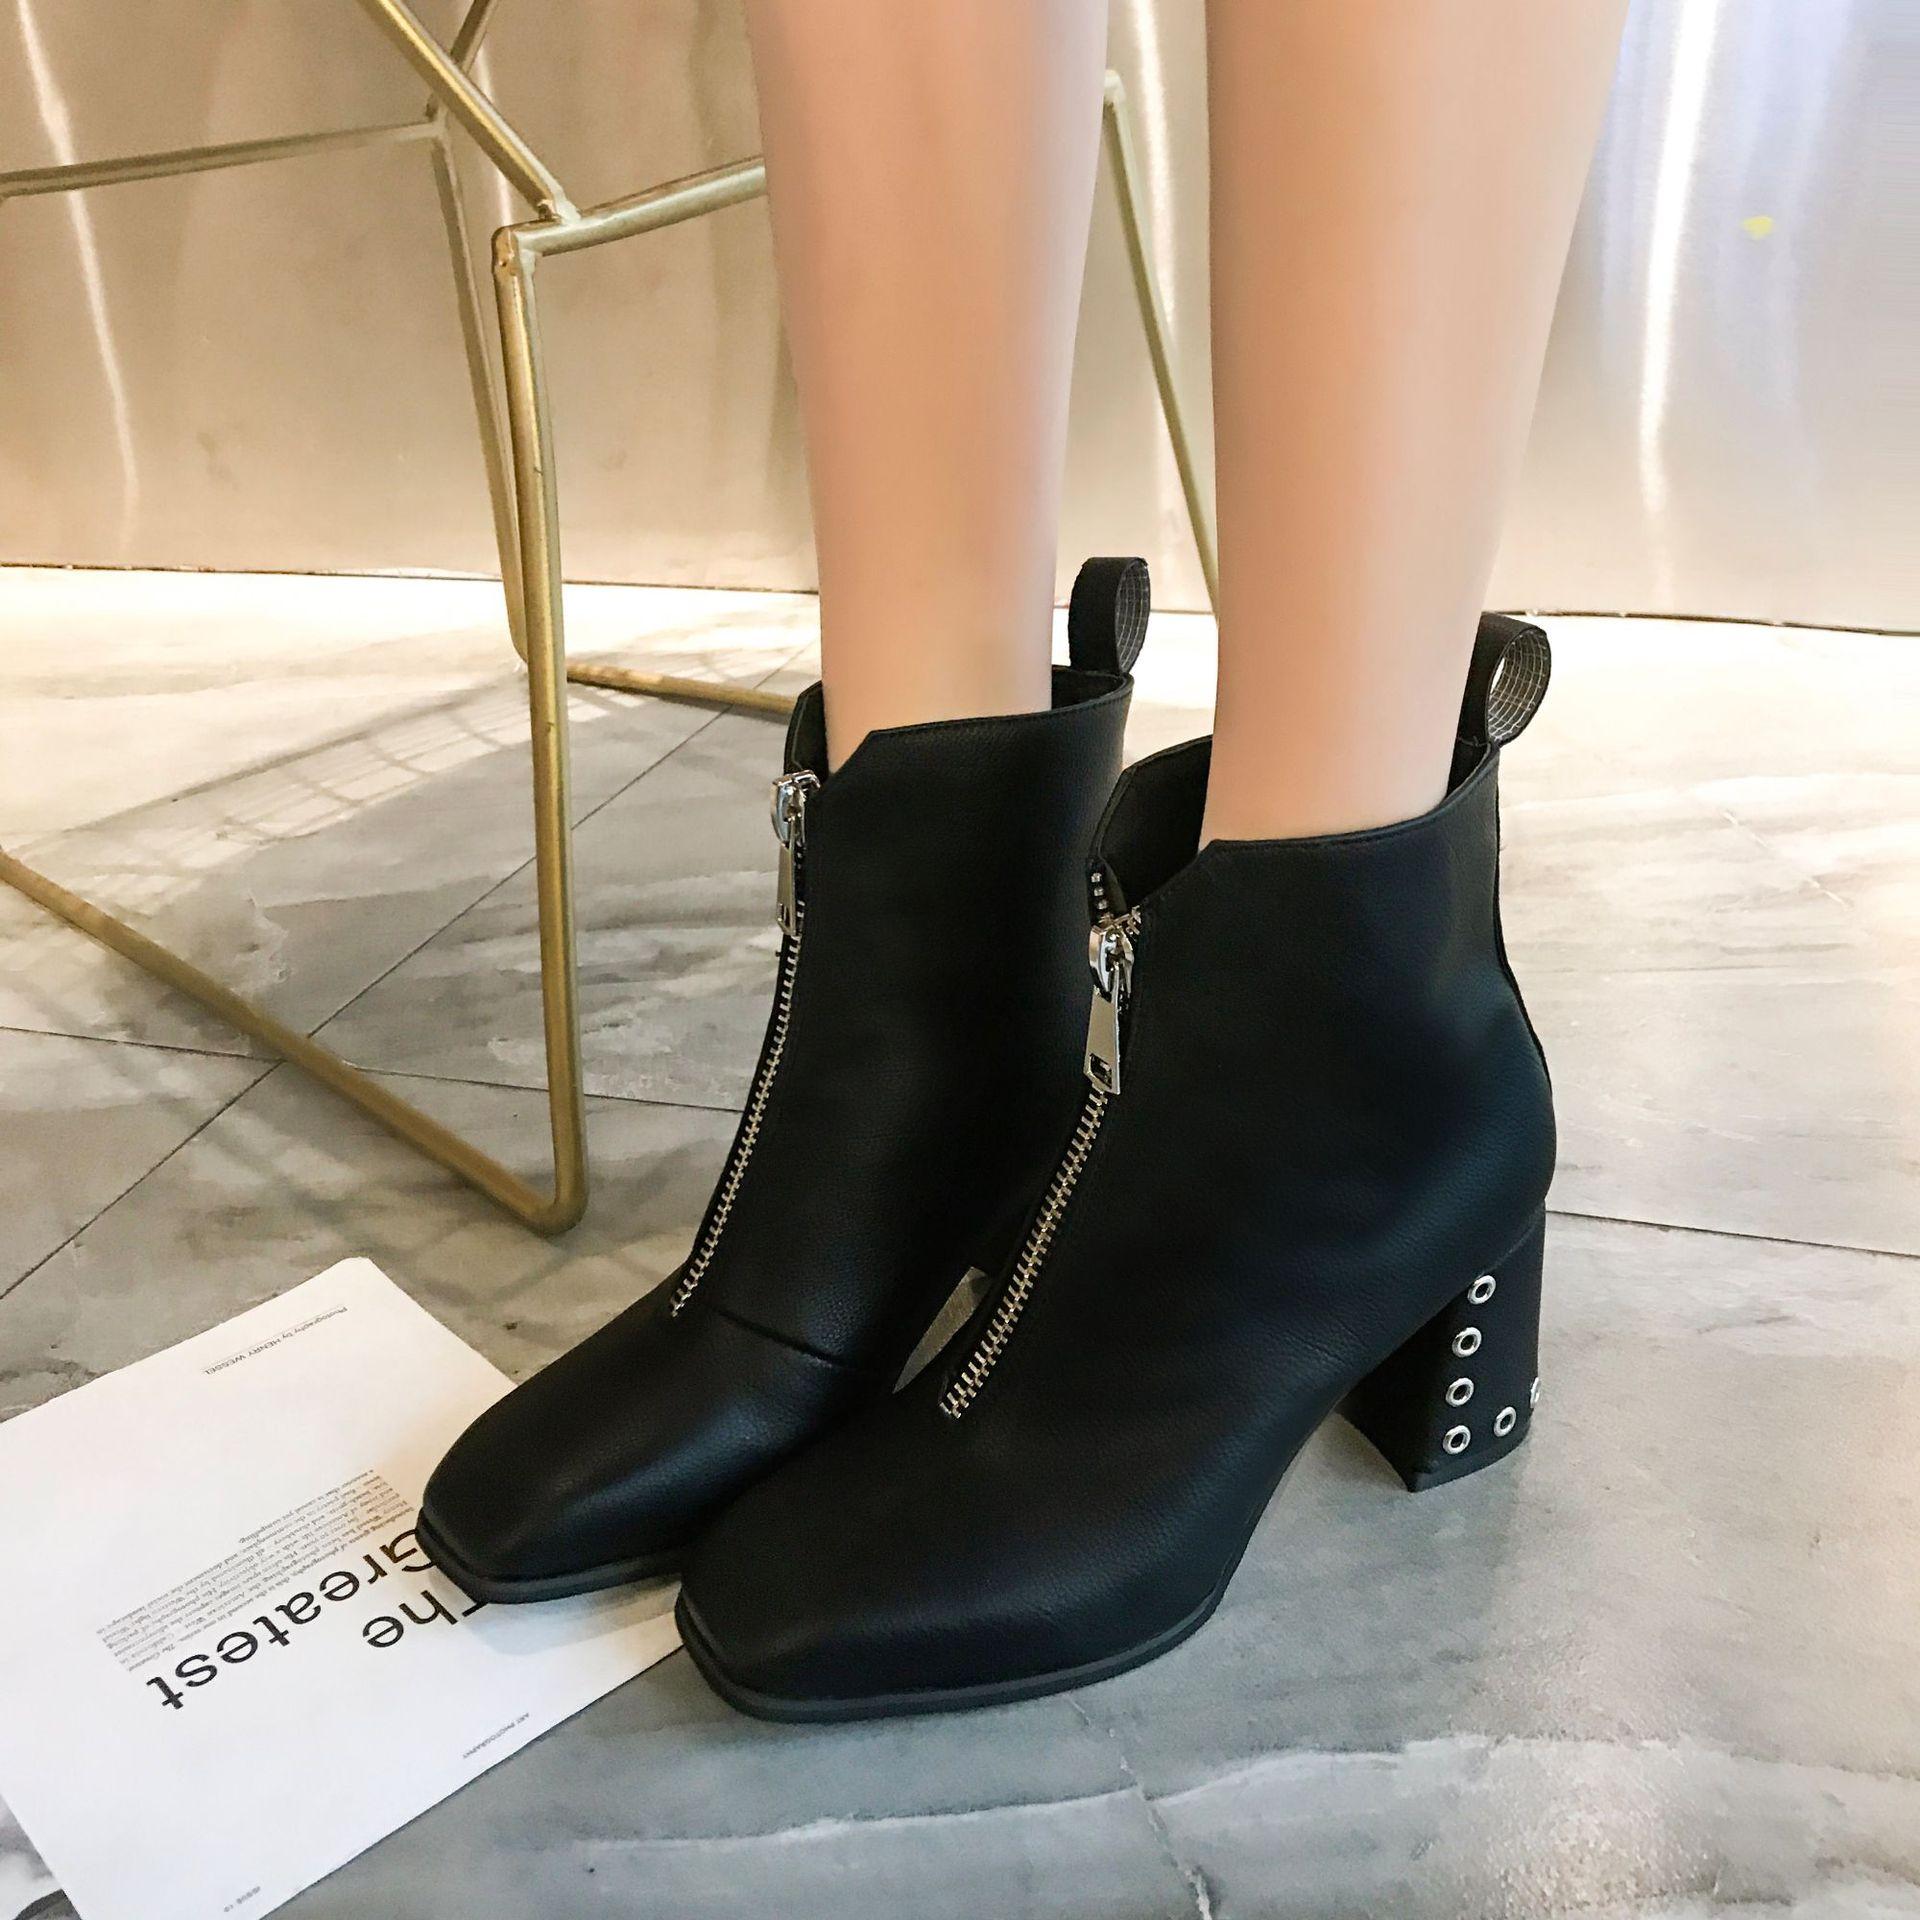 Sexy negro Botas Beige De Tobillo Señoras Mujer Tacón Cuadrado Pie Chelsea Del Martin Alta Remache Las Zapatos Cremallera Dedo UEUTq4rnd